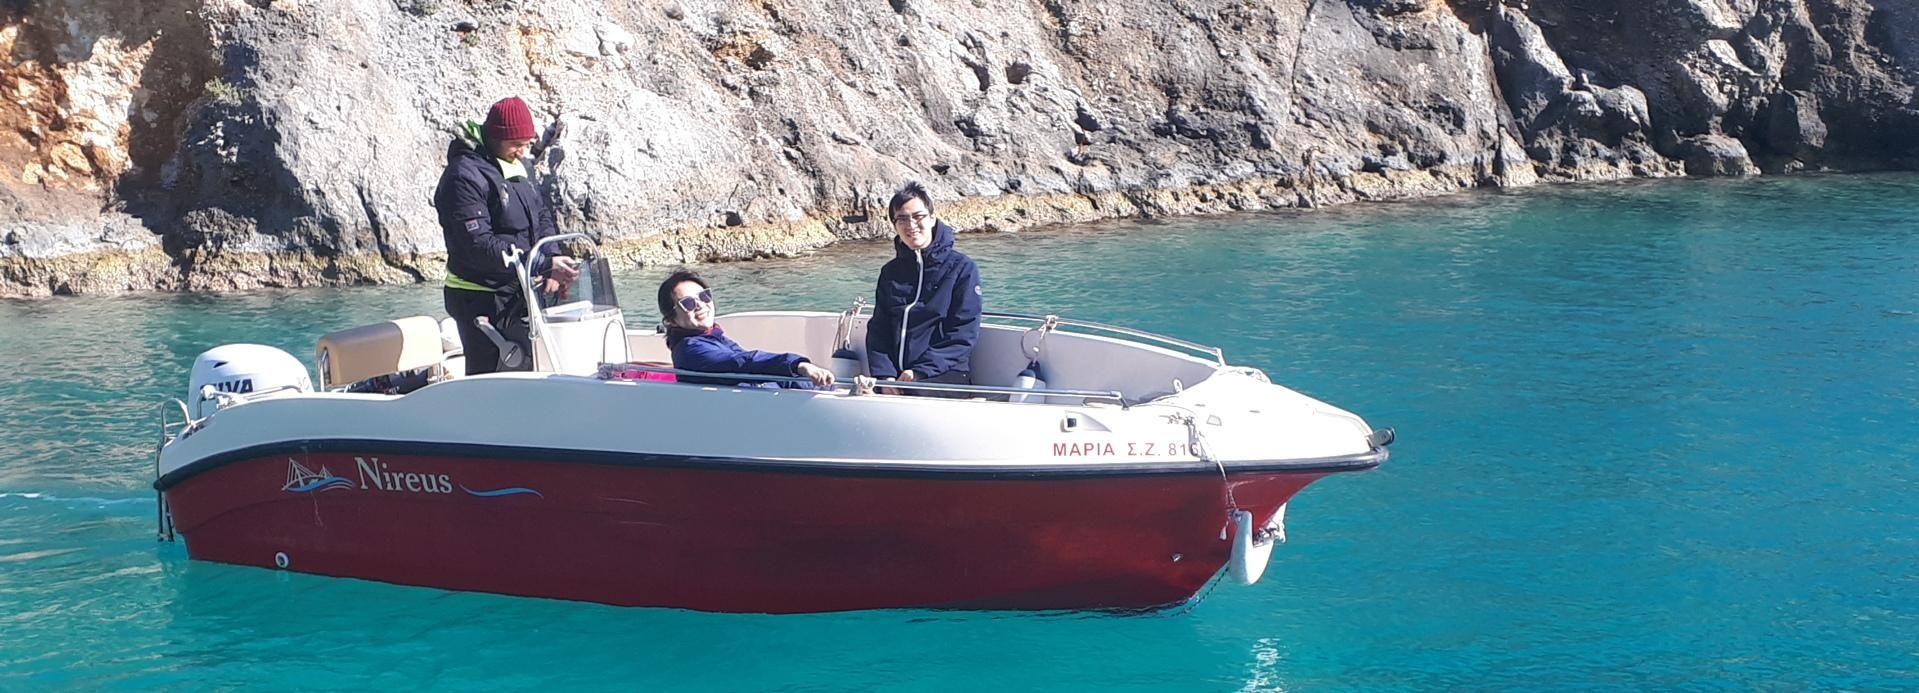 Porto Vromi: tour privado en barco por la playa de Navagio y las cuevas azules